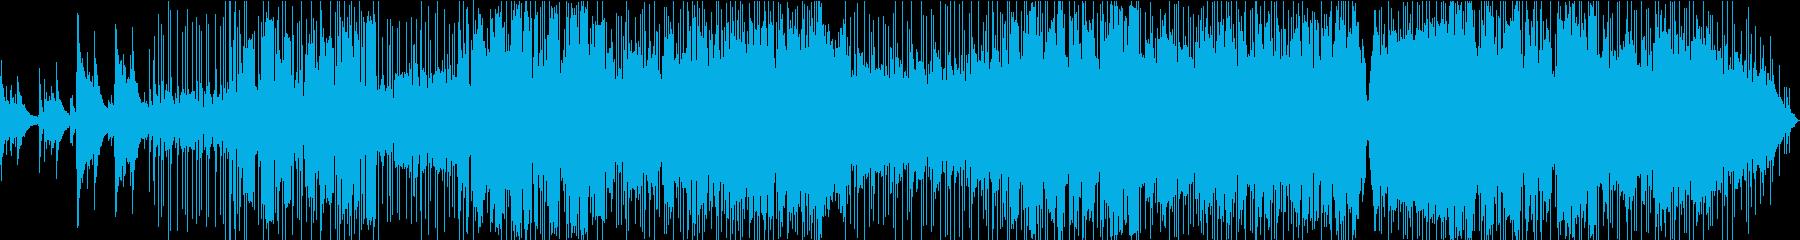 アコギ主体のバラードの再生済みの波形